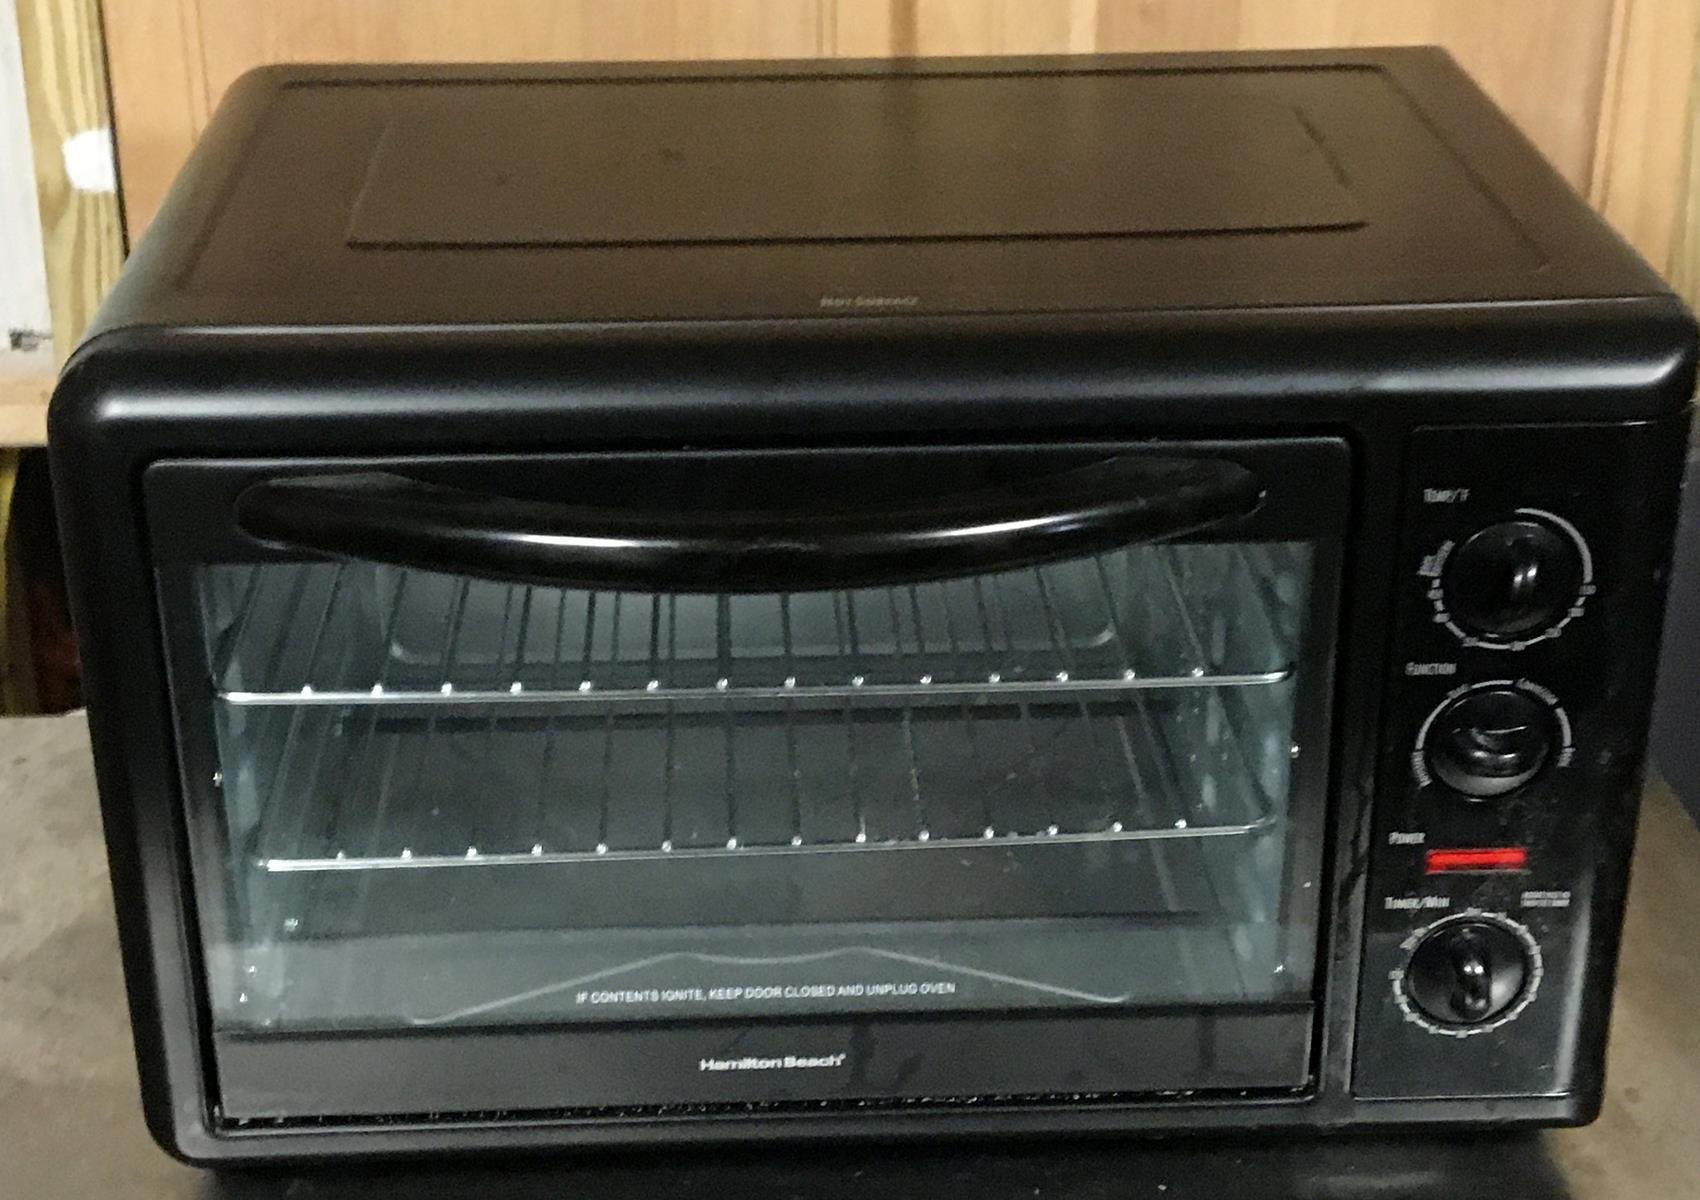 Hamilton Beach Model 31101 Countertop Toaster Oven